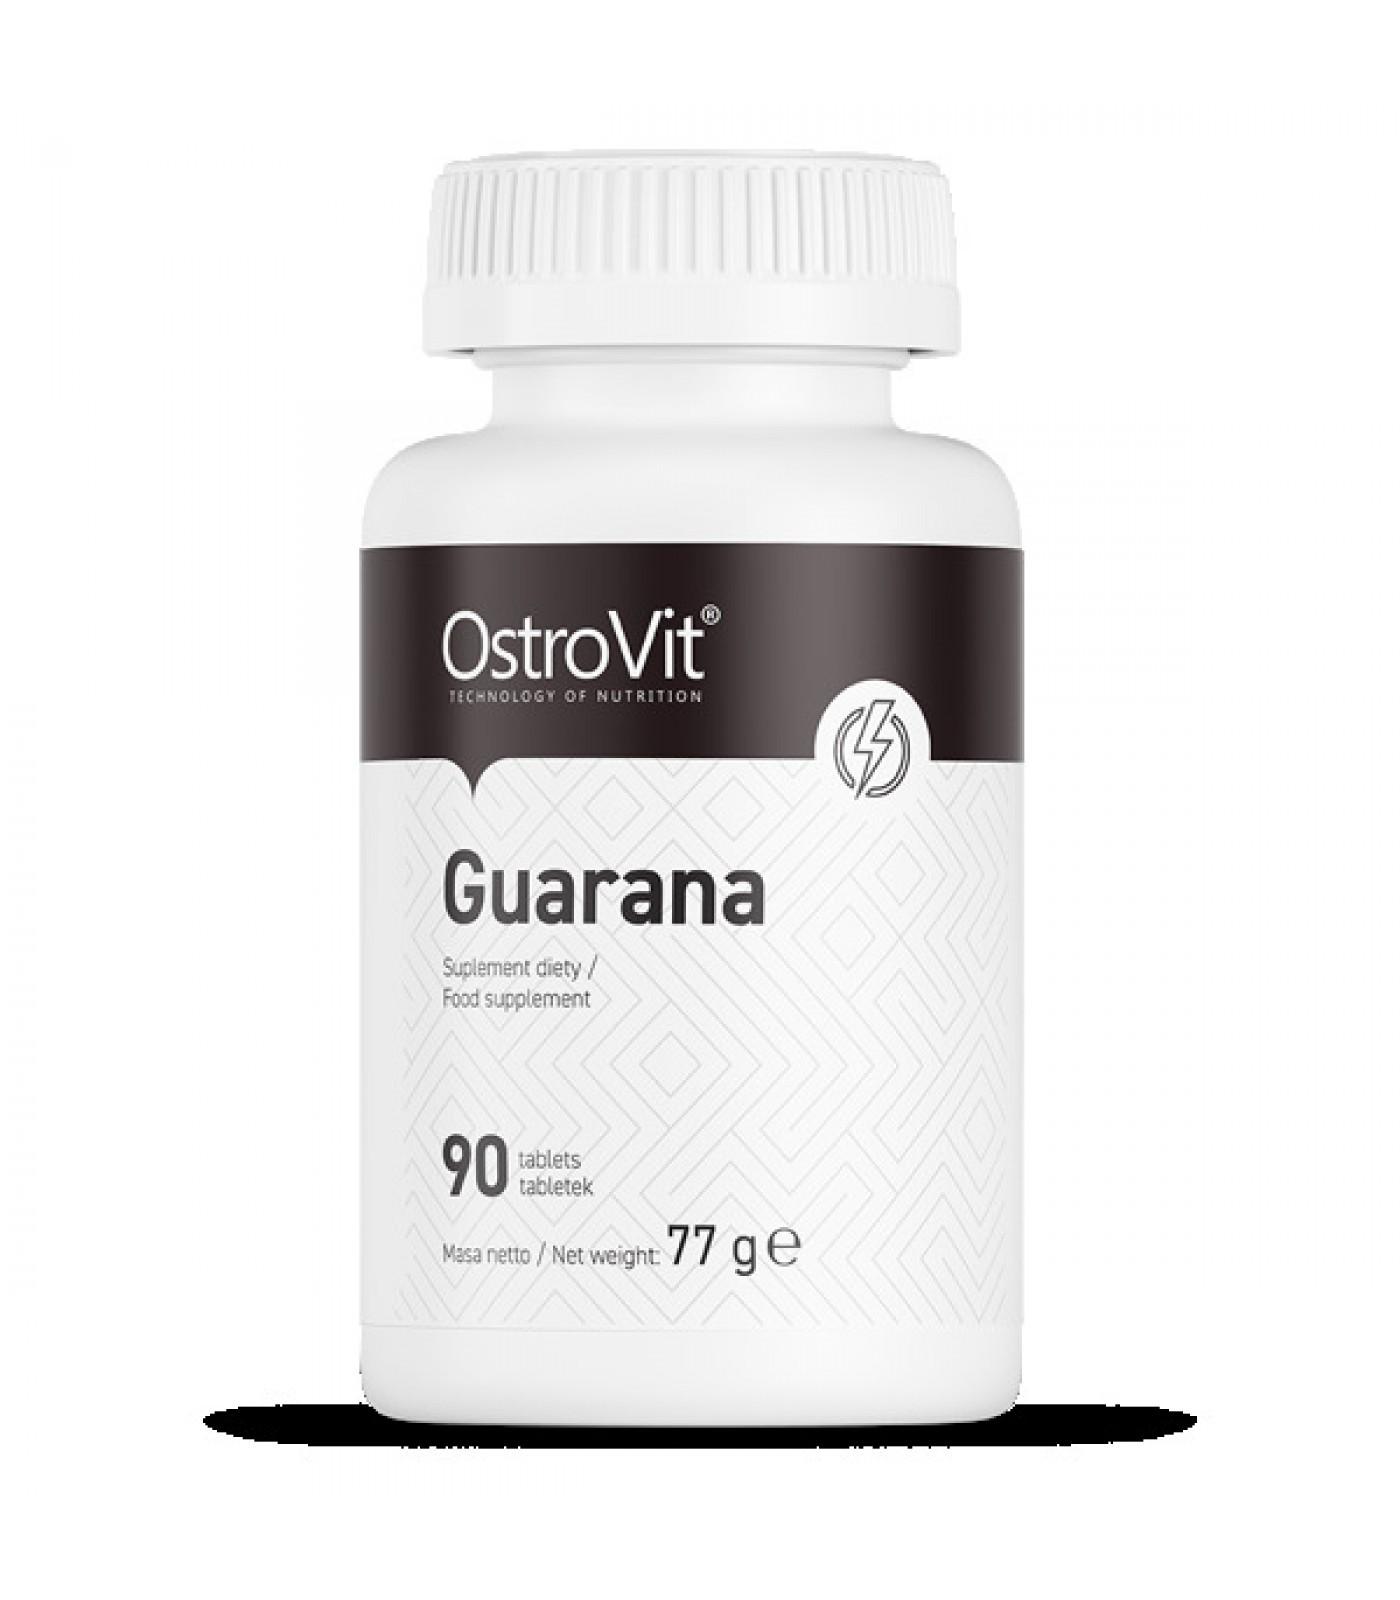 OstroVit - Guarana / 90 tab